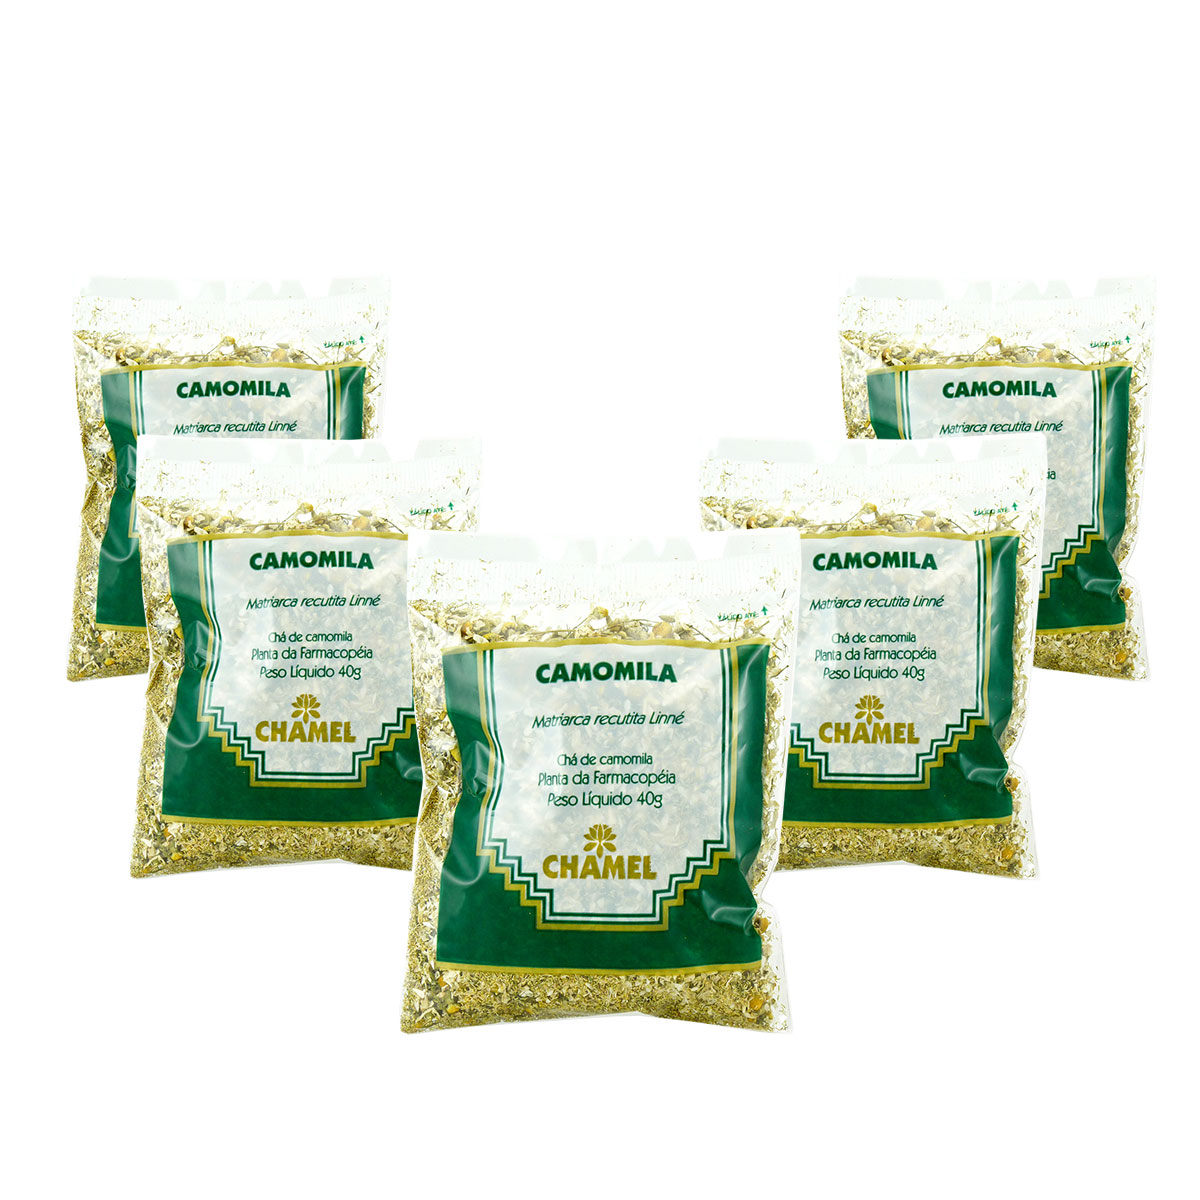 Camomila 40g Chamel com 5 Unidades - Chá-Folhas